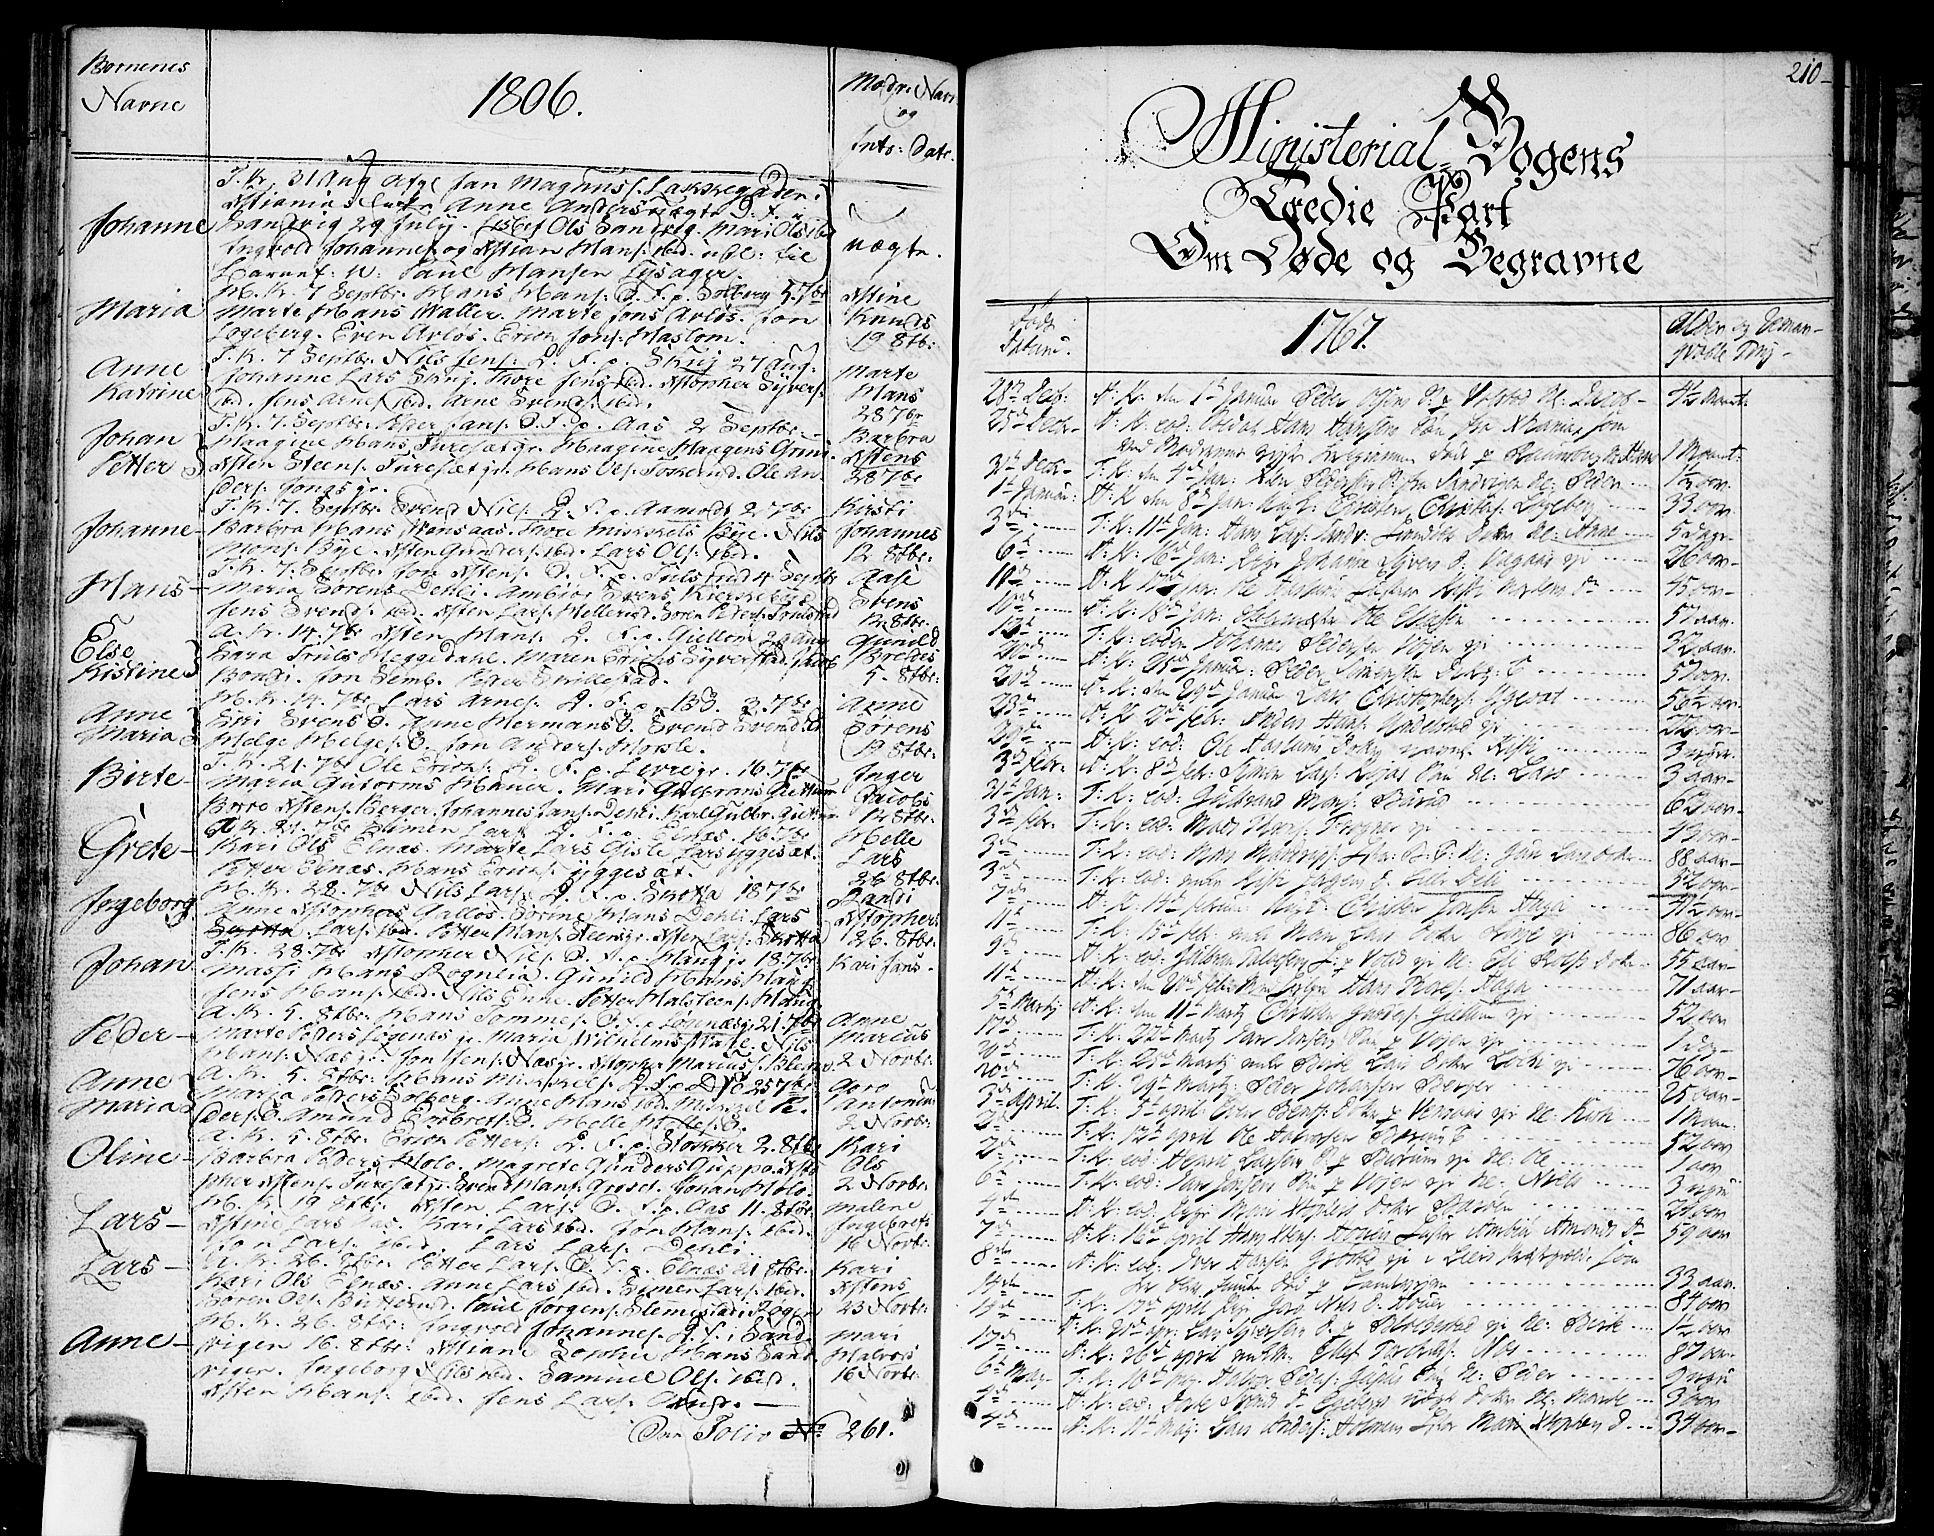 SAO, Asker prestekontor Kirkebøker, F/Fa/L0003: Ministerialbok nr. I 3, 1767-1807, s. 210